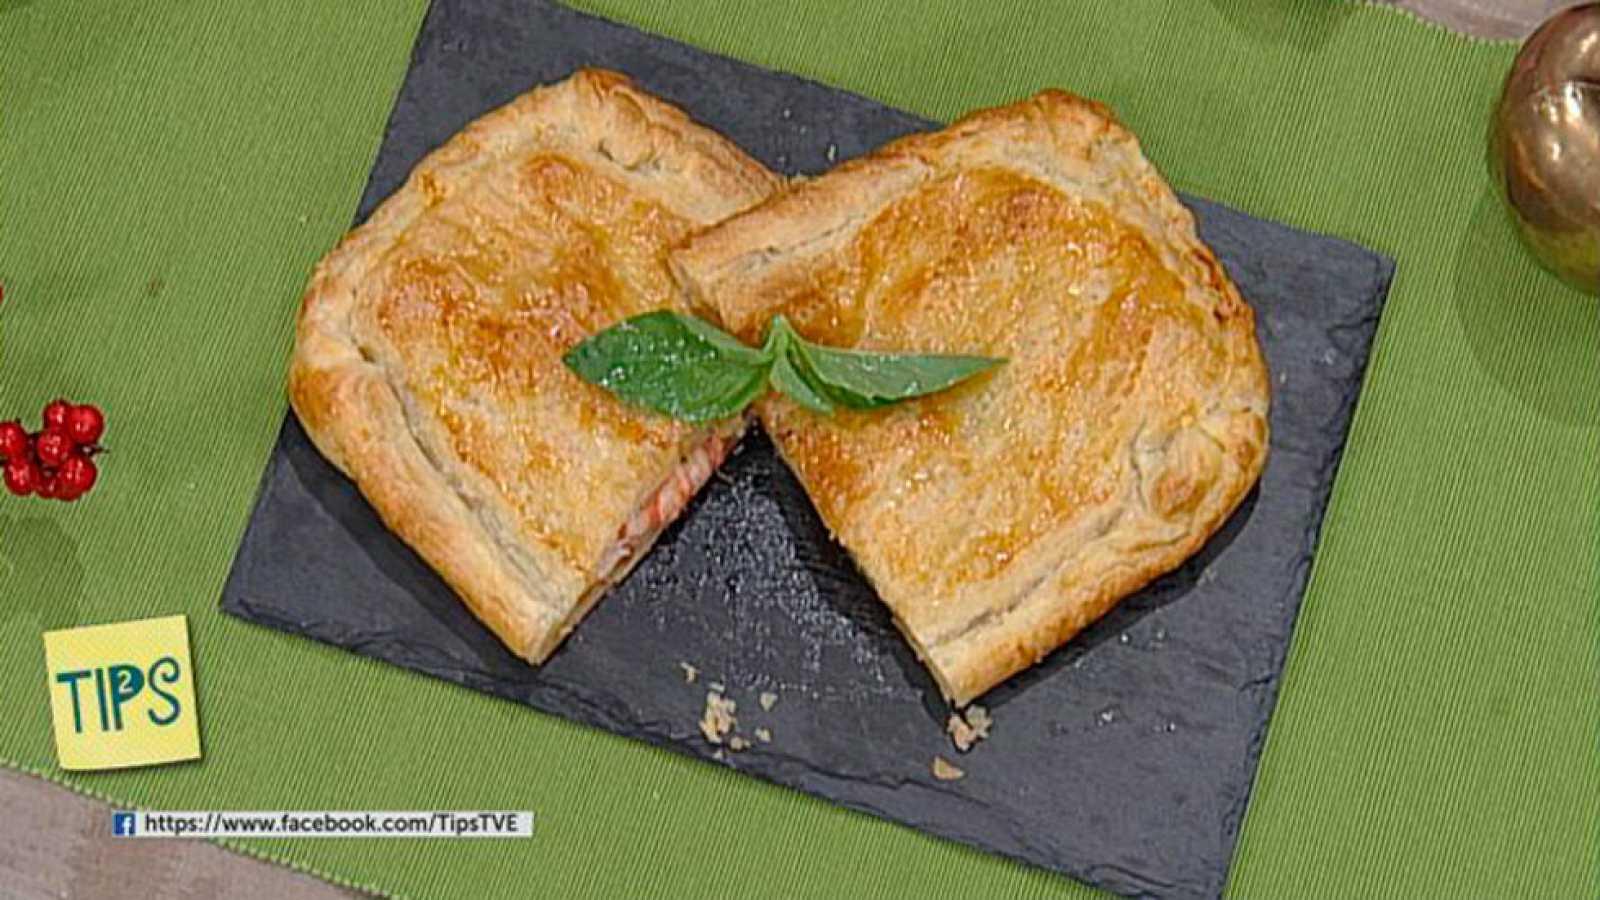 TIPS - Cocina - Empanada hojaldrada con tomate de albahaca